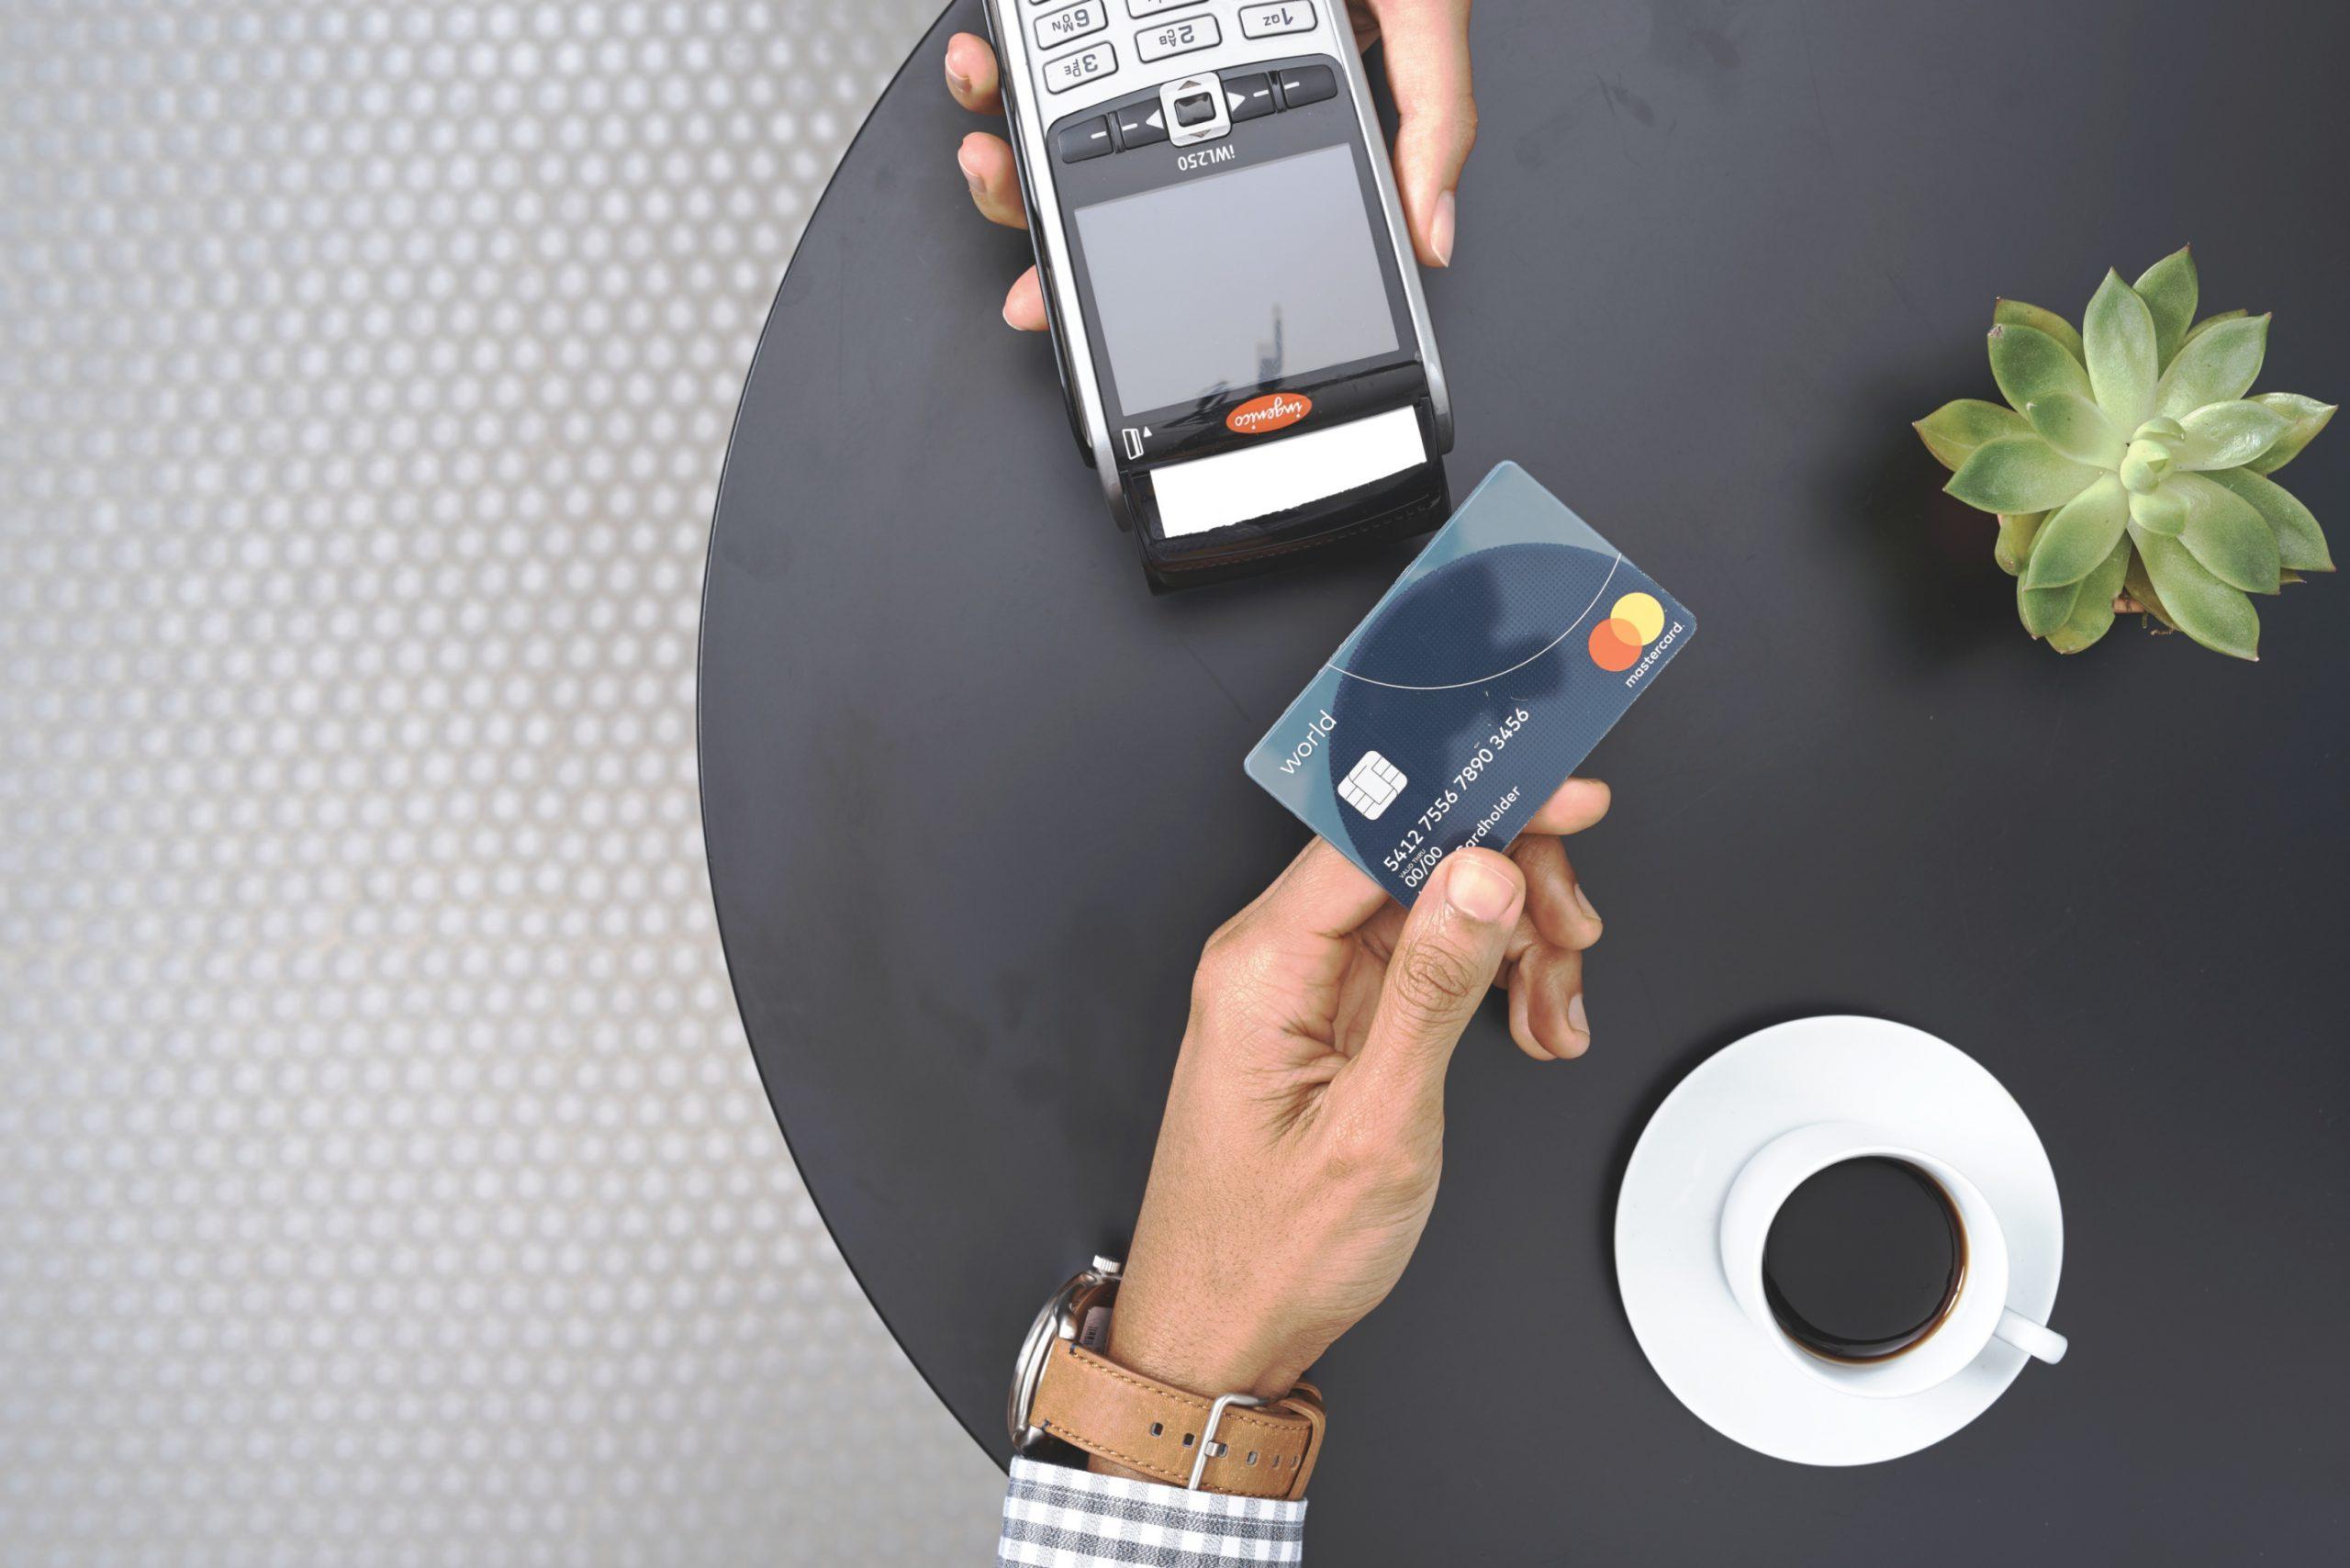 Polacy coraz chętniej płacą kartami zbliżeniowymi